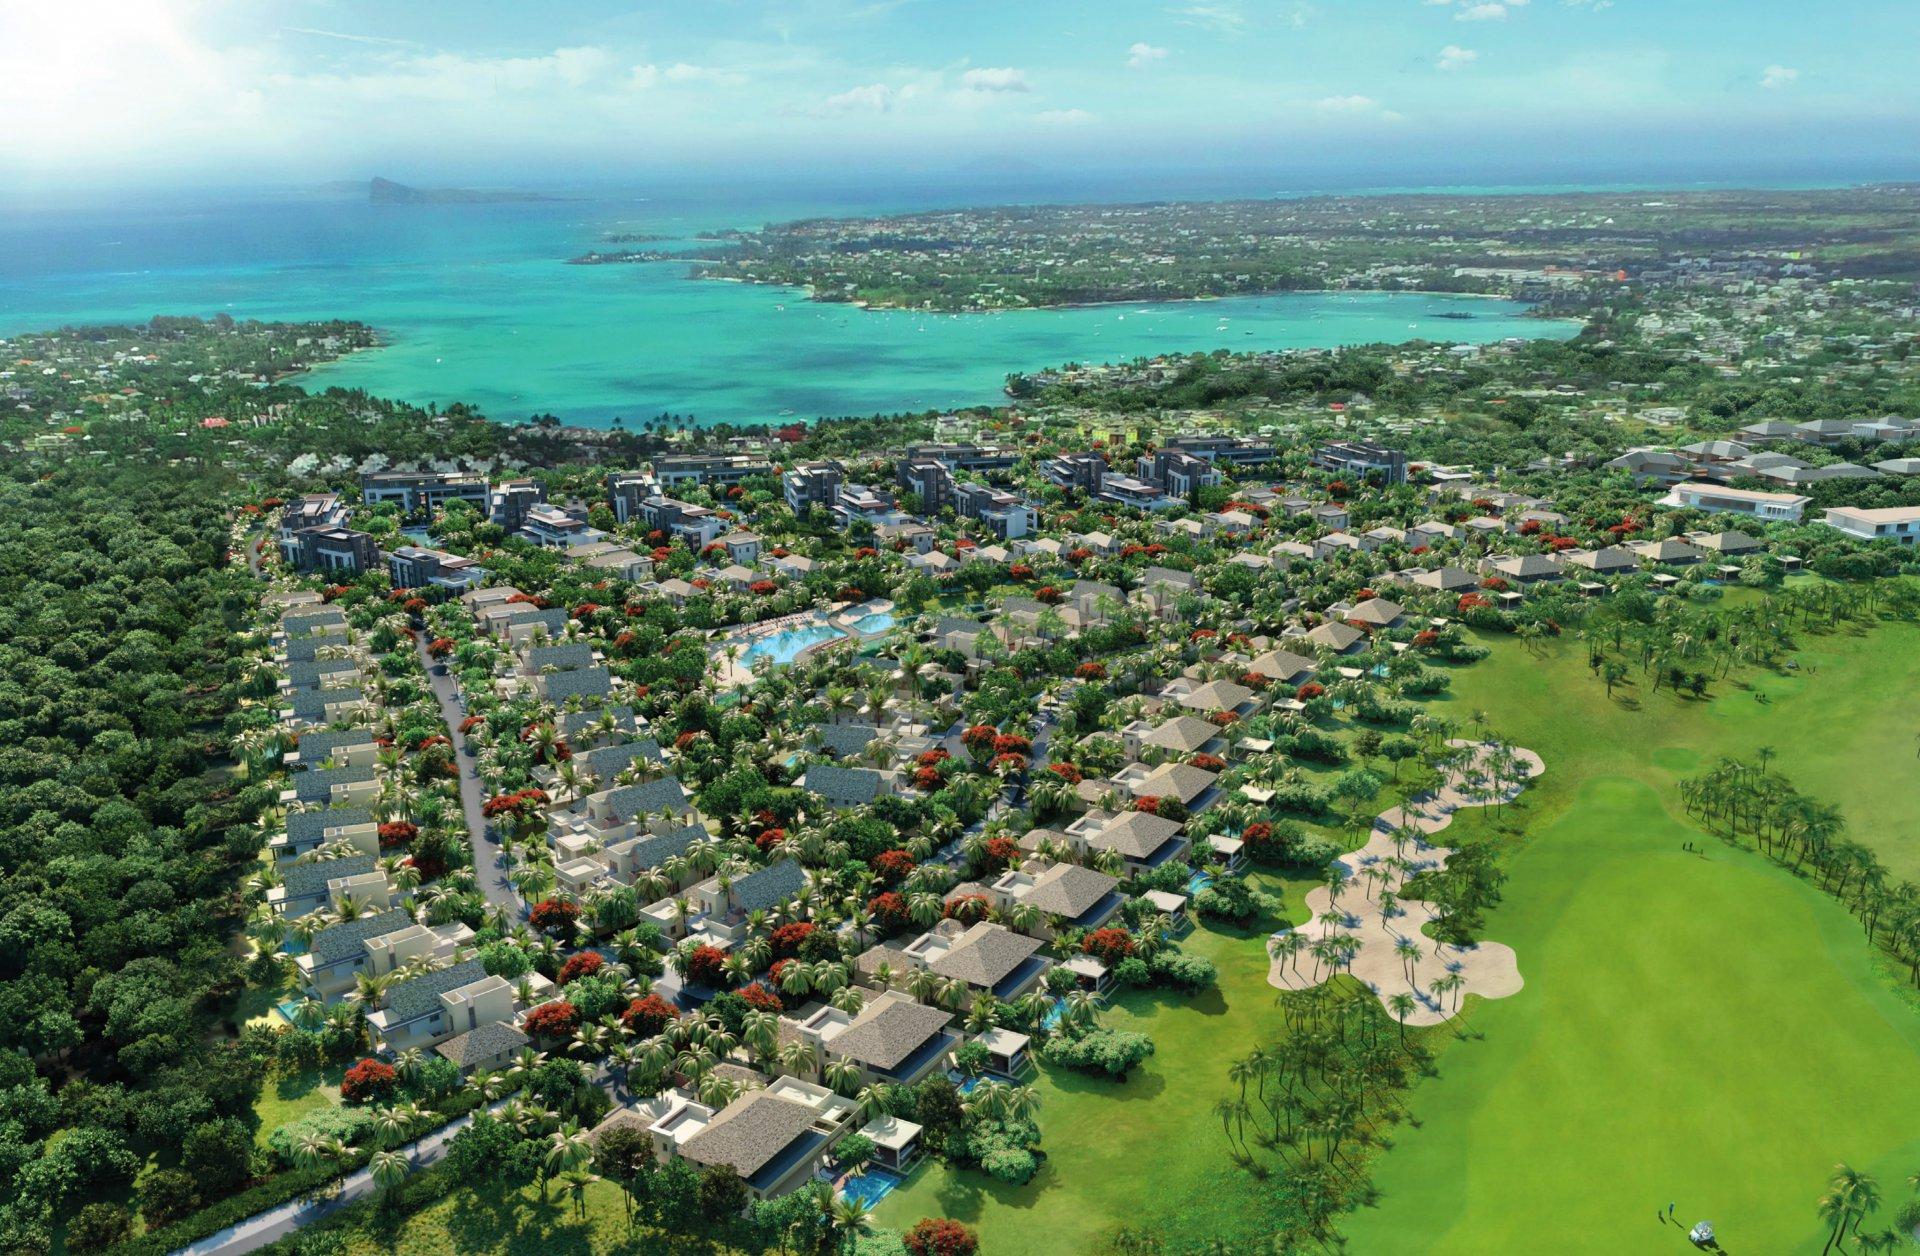 La quintessence du luxe sur un domaine Golf et Plage